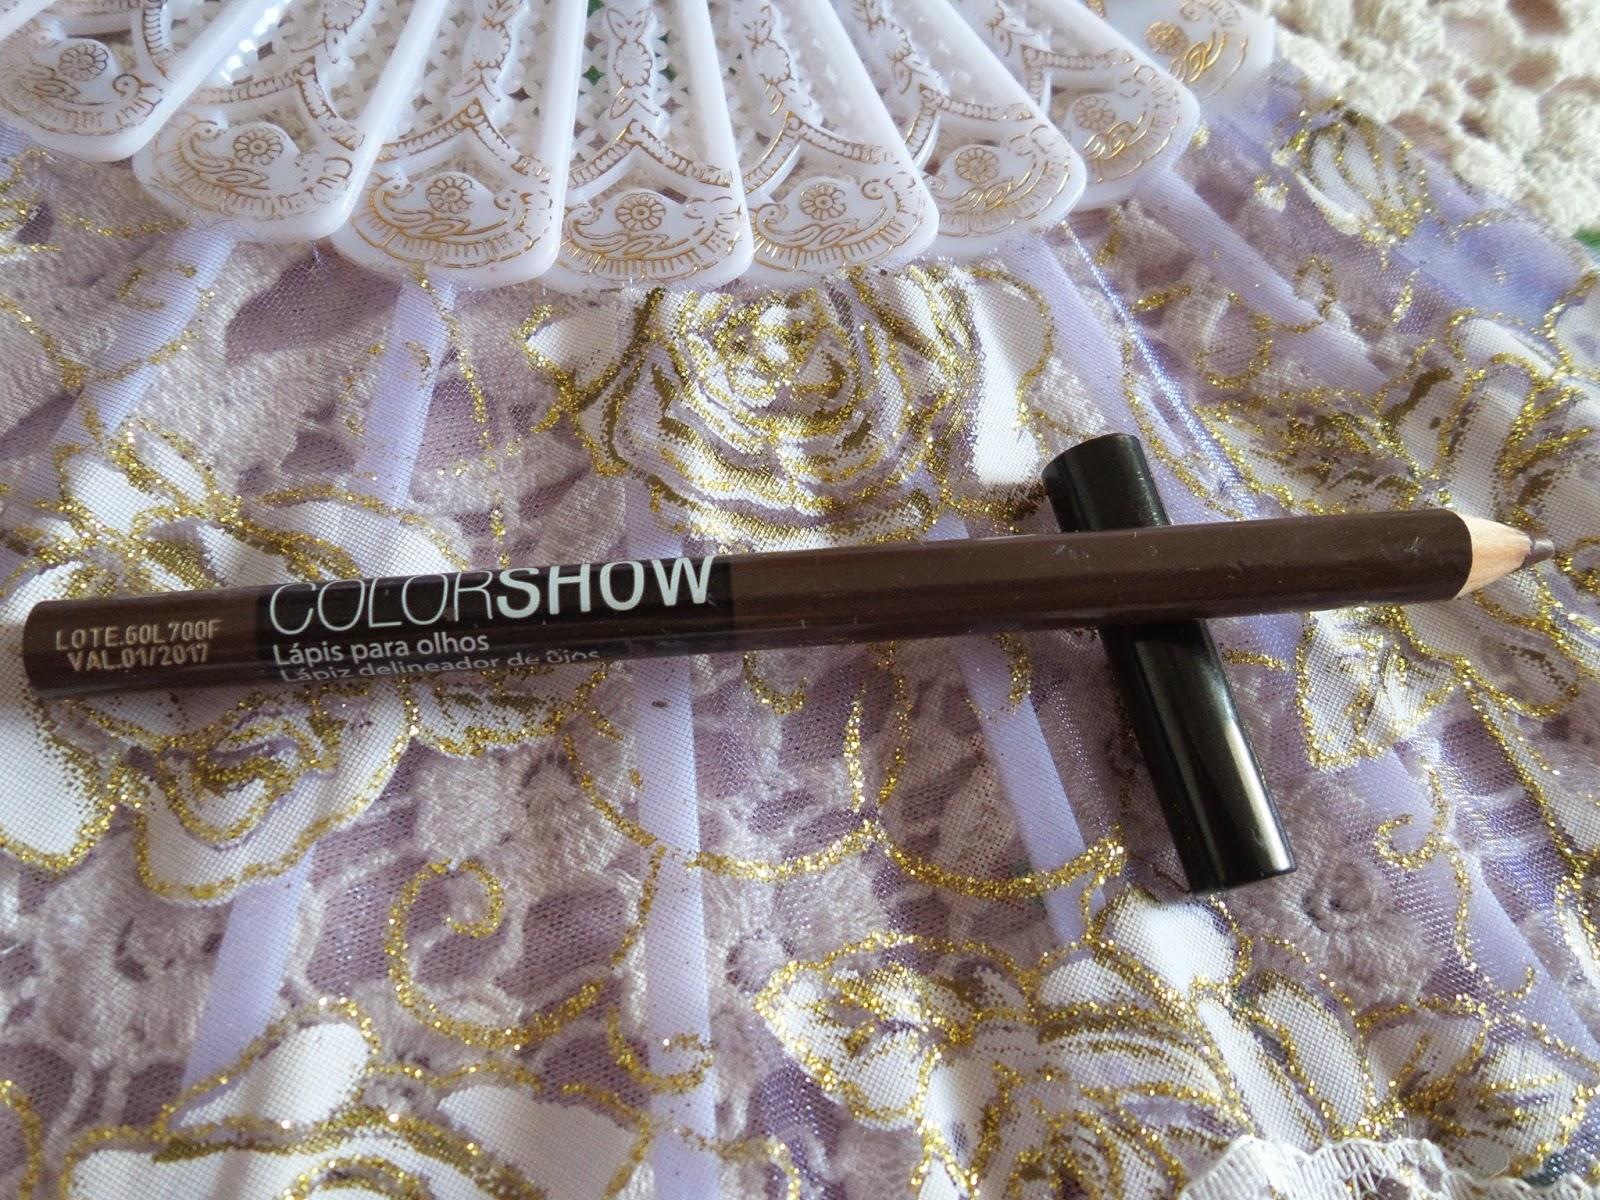 lápis delineador  olhos, de longa duração  color show Maybelline